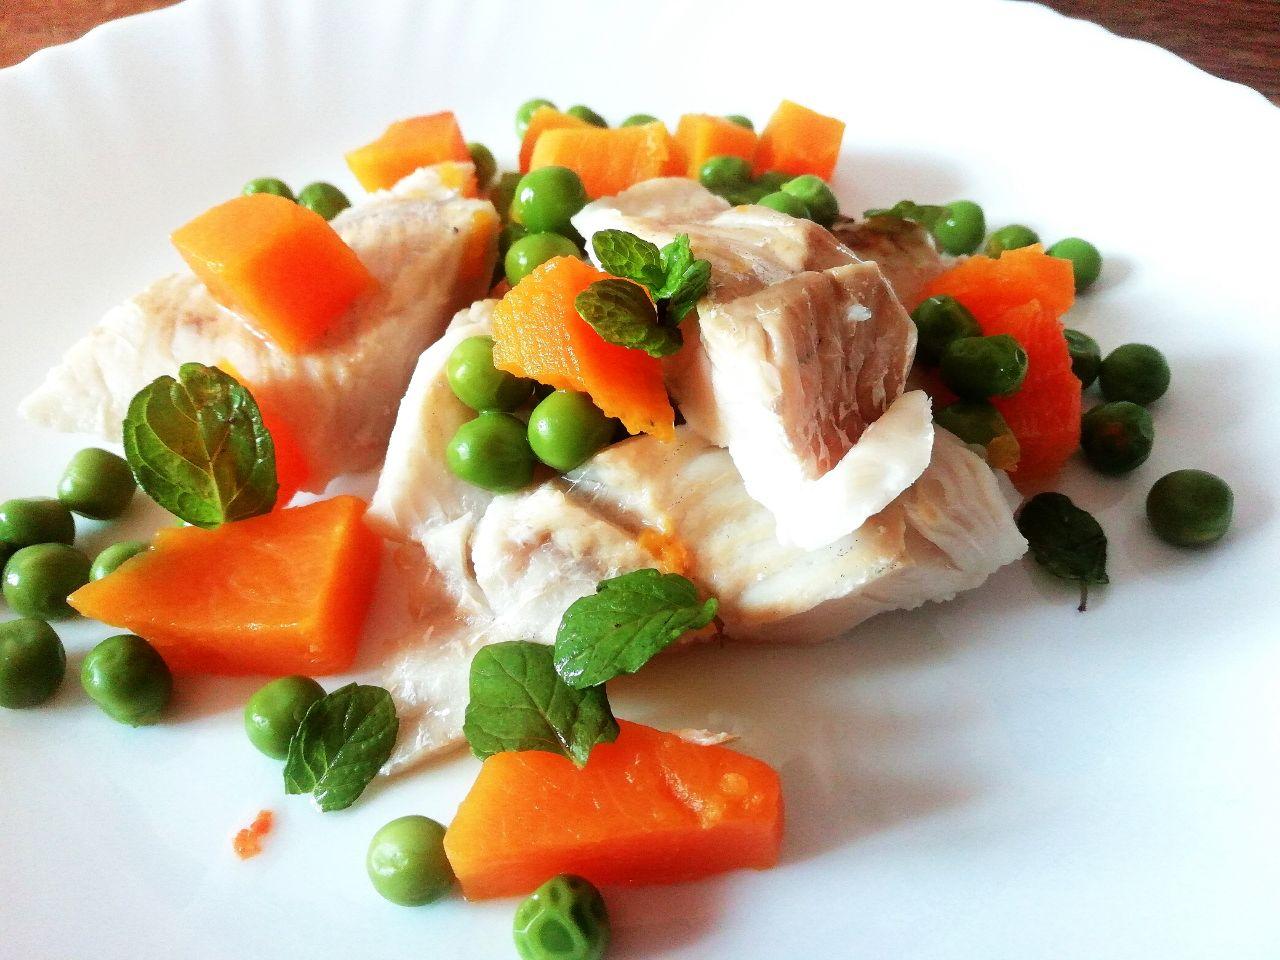 Secondi piatti a base di pesce: merluzzo con piselli verdi e zucca!